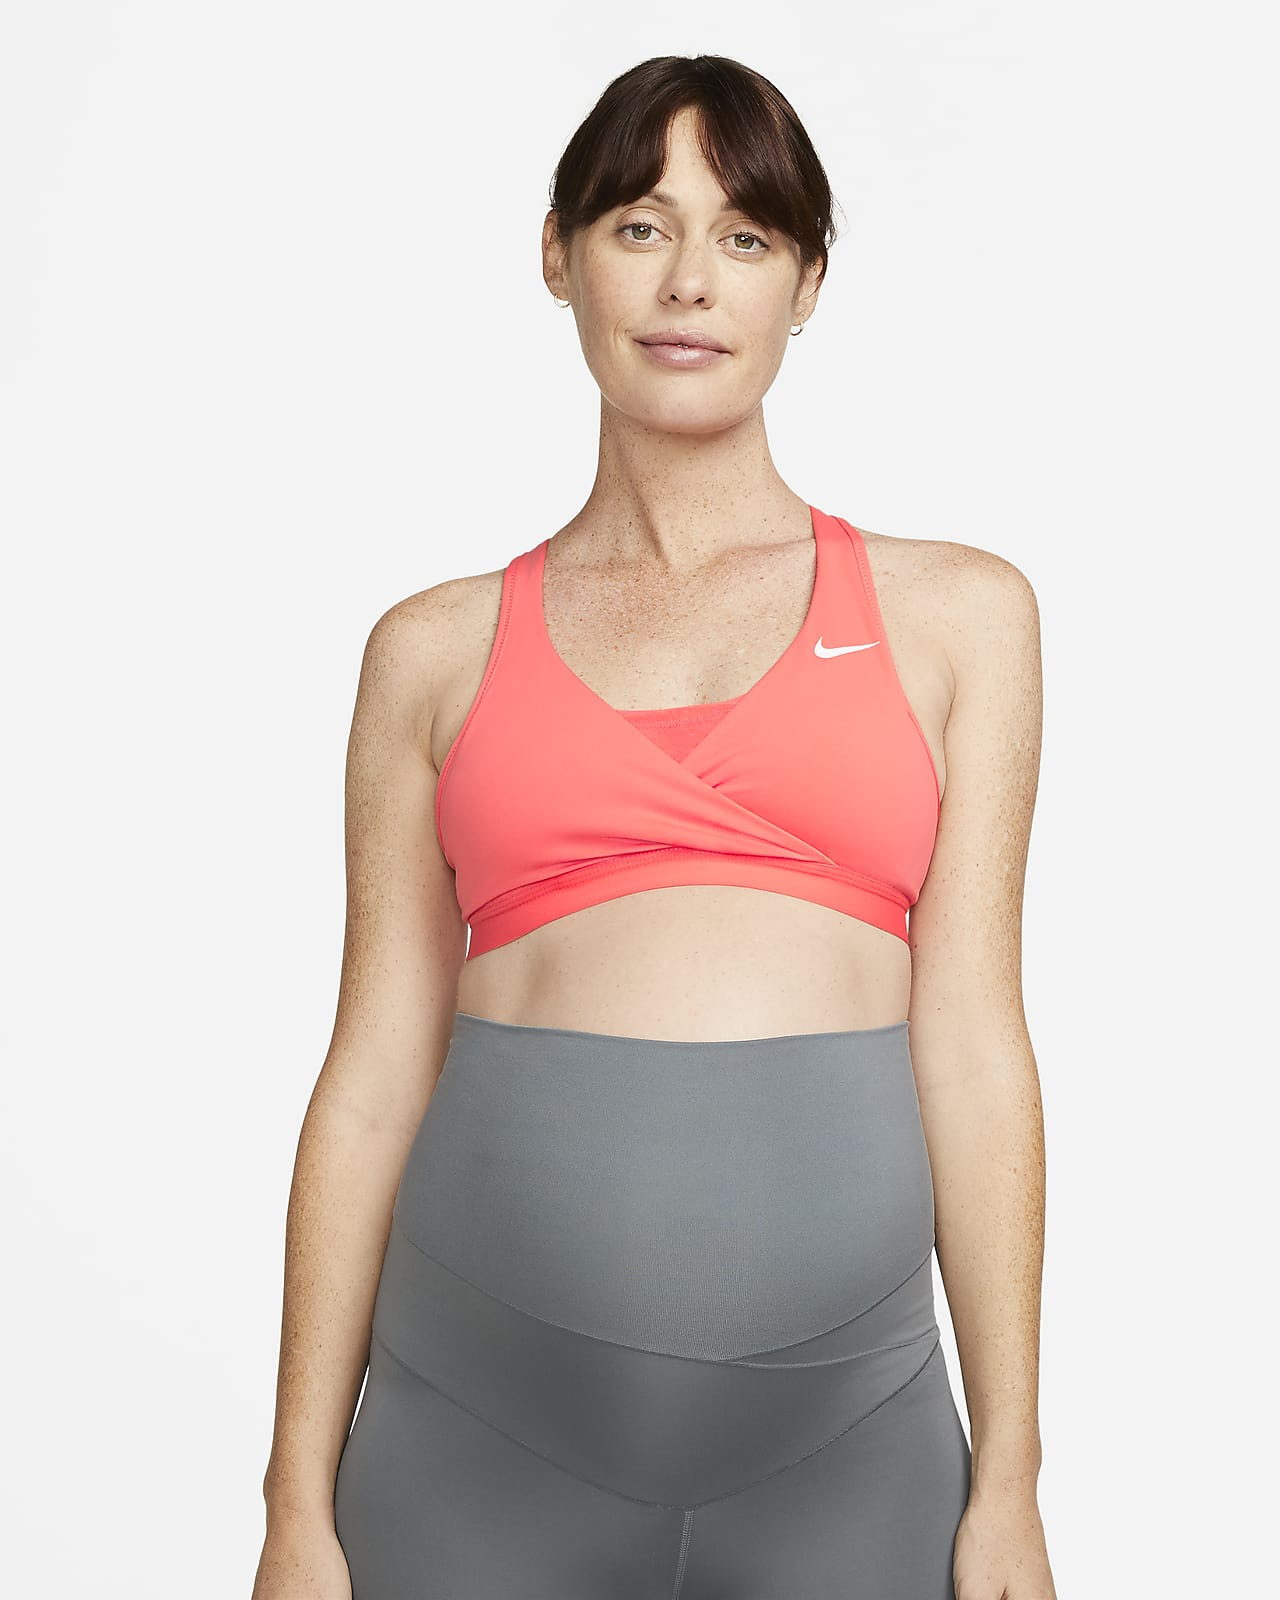 Vadderad sport-BH Nike (M) Swoosh med mediumstöd för kvinnor (Maternity)